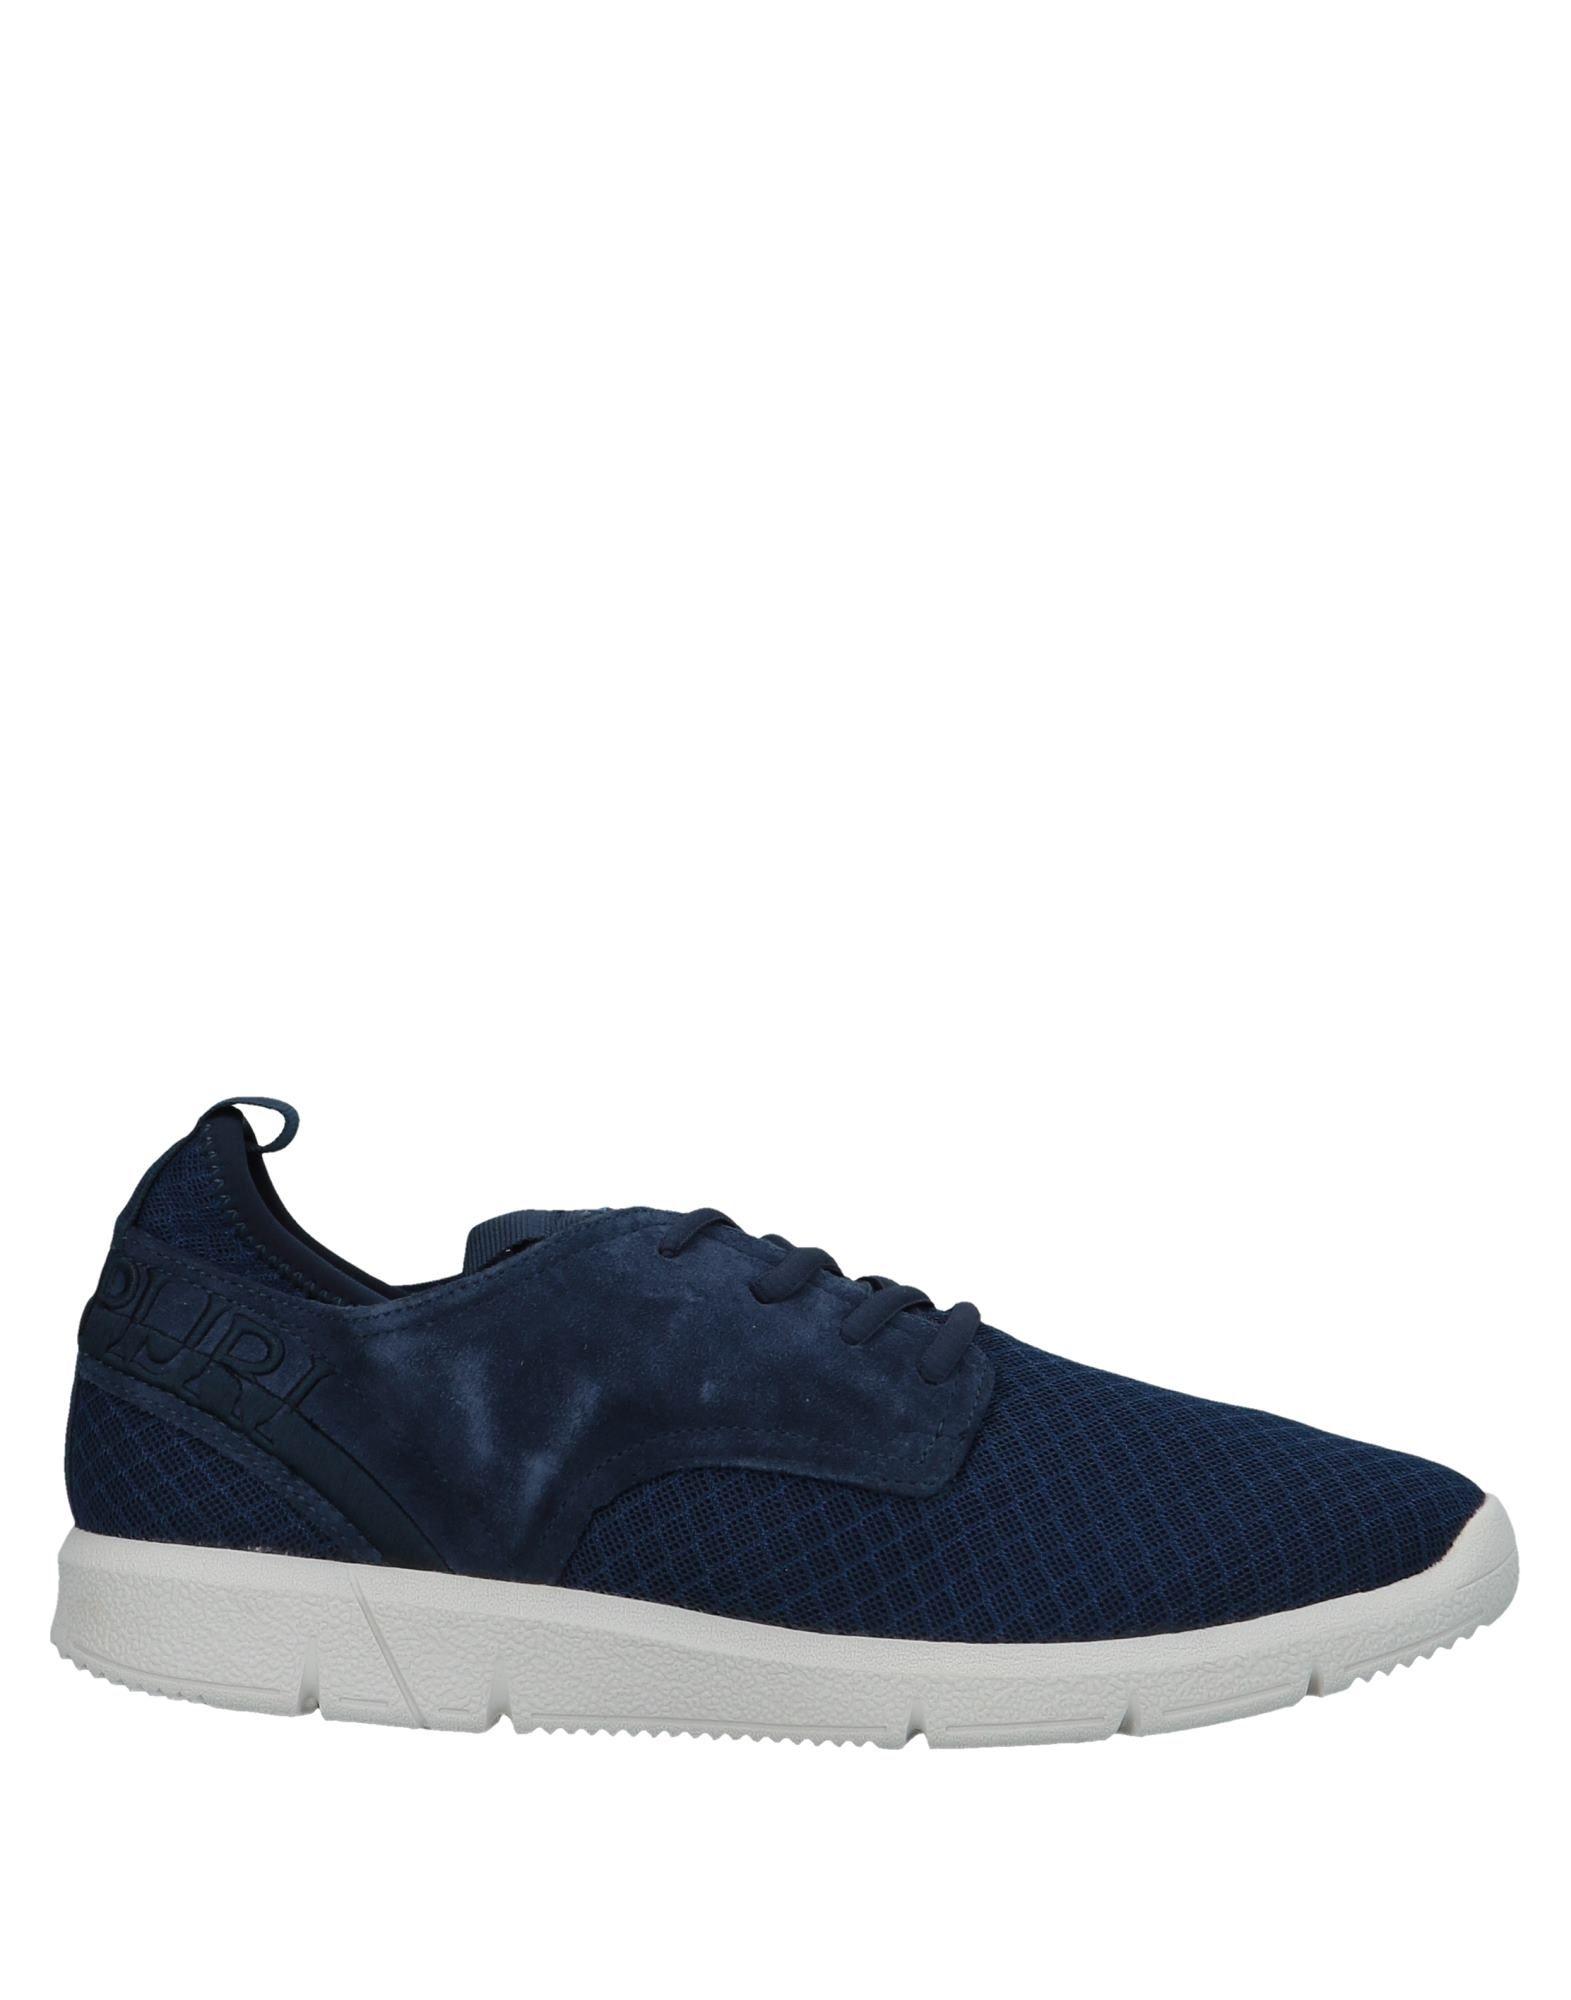 Napapijri Sneakers Herren  11508457EQ